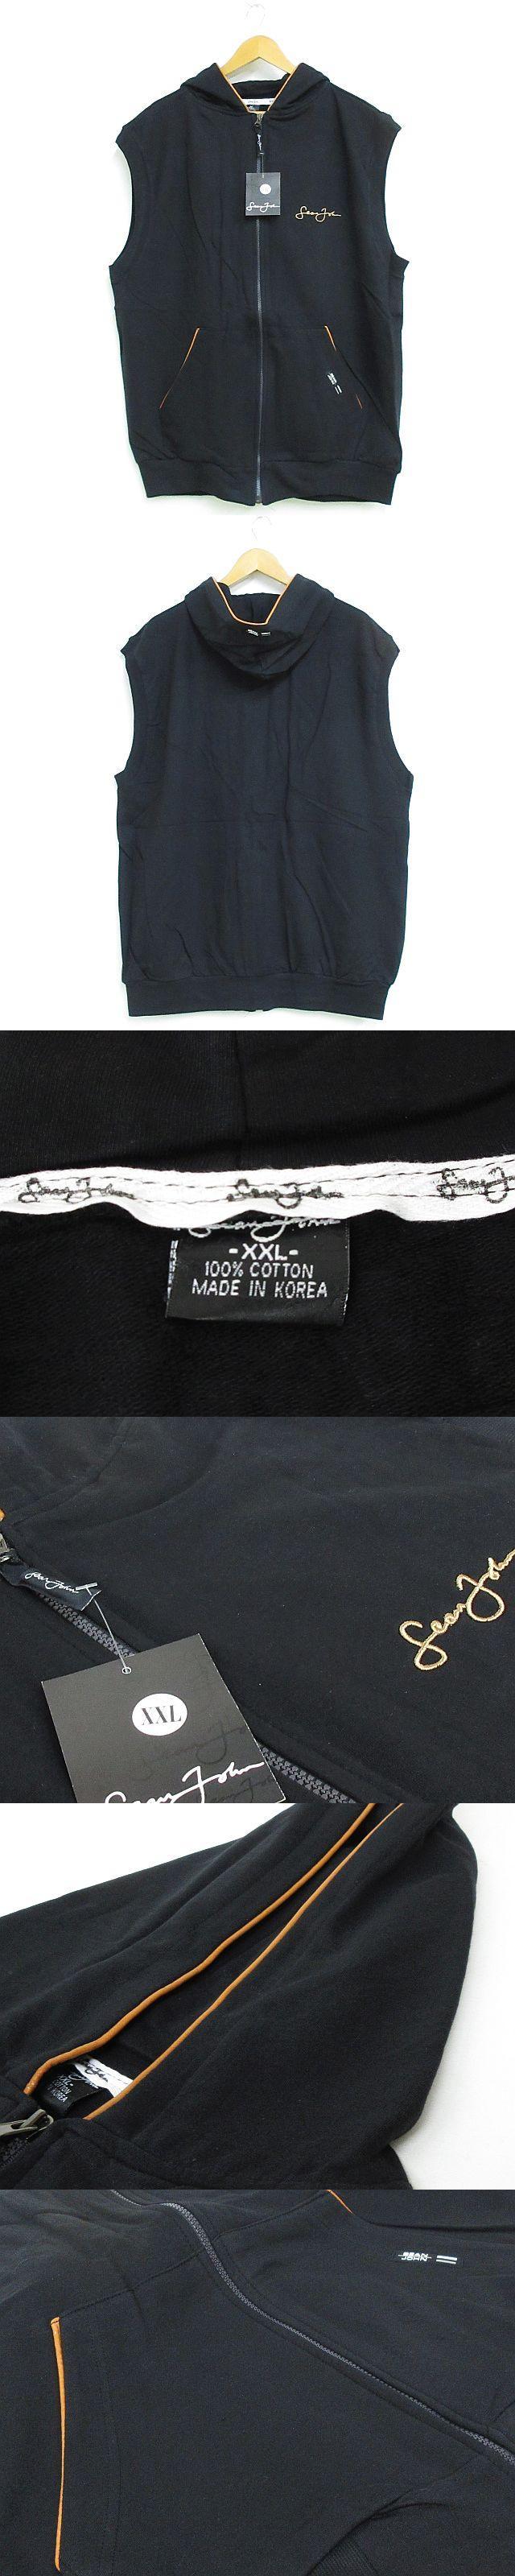 ショーンジョン SEAN JOHN ベスト ジップアップ フード 大きいサイズ ロゴ 黒 XXL ◇MM-15626 ◇02